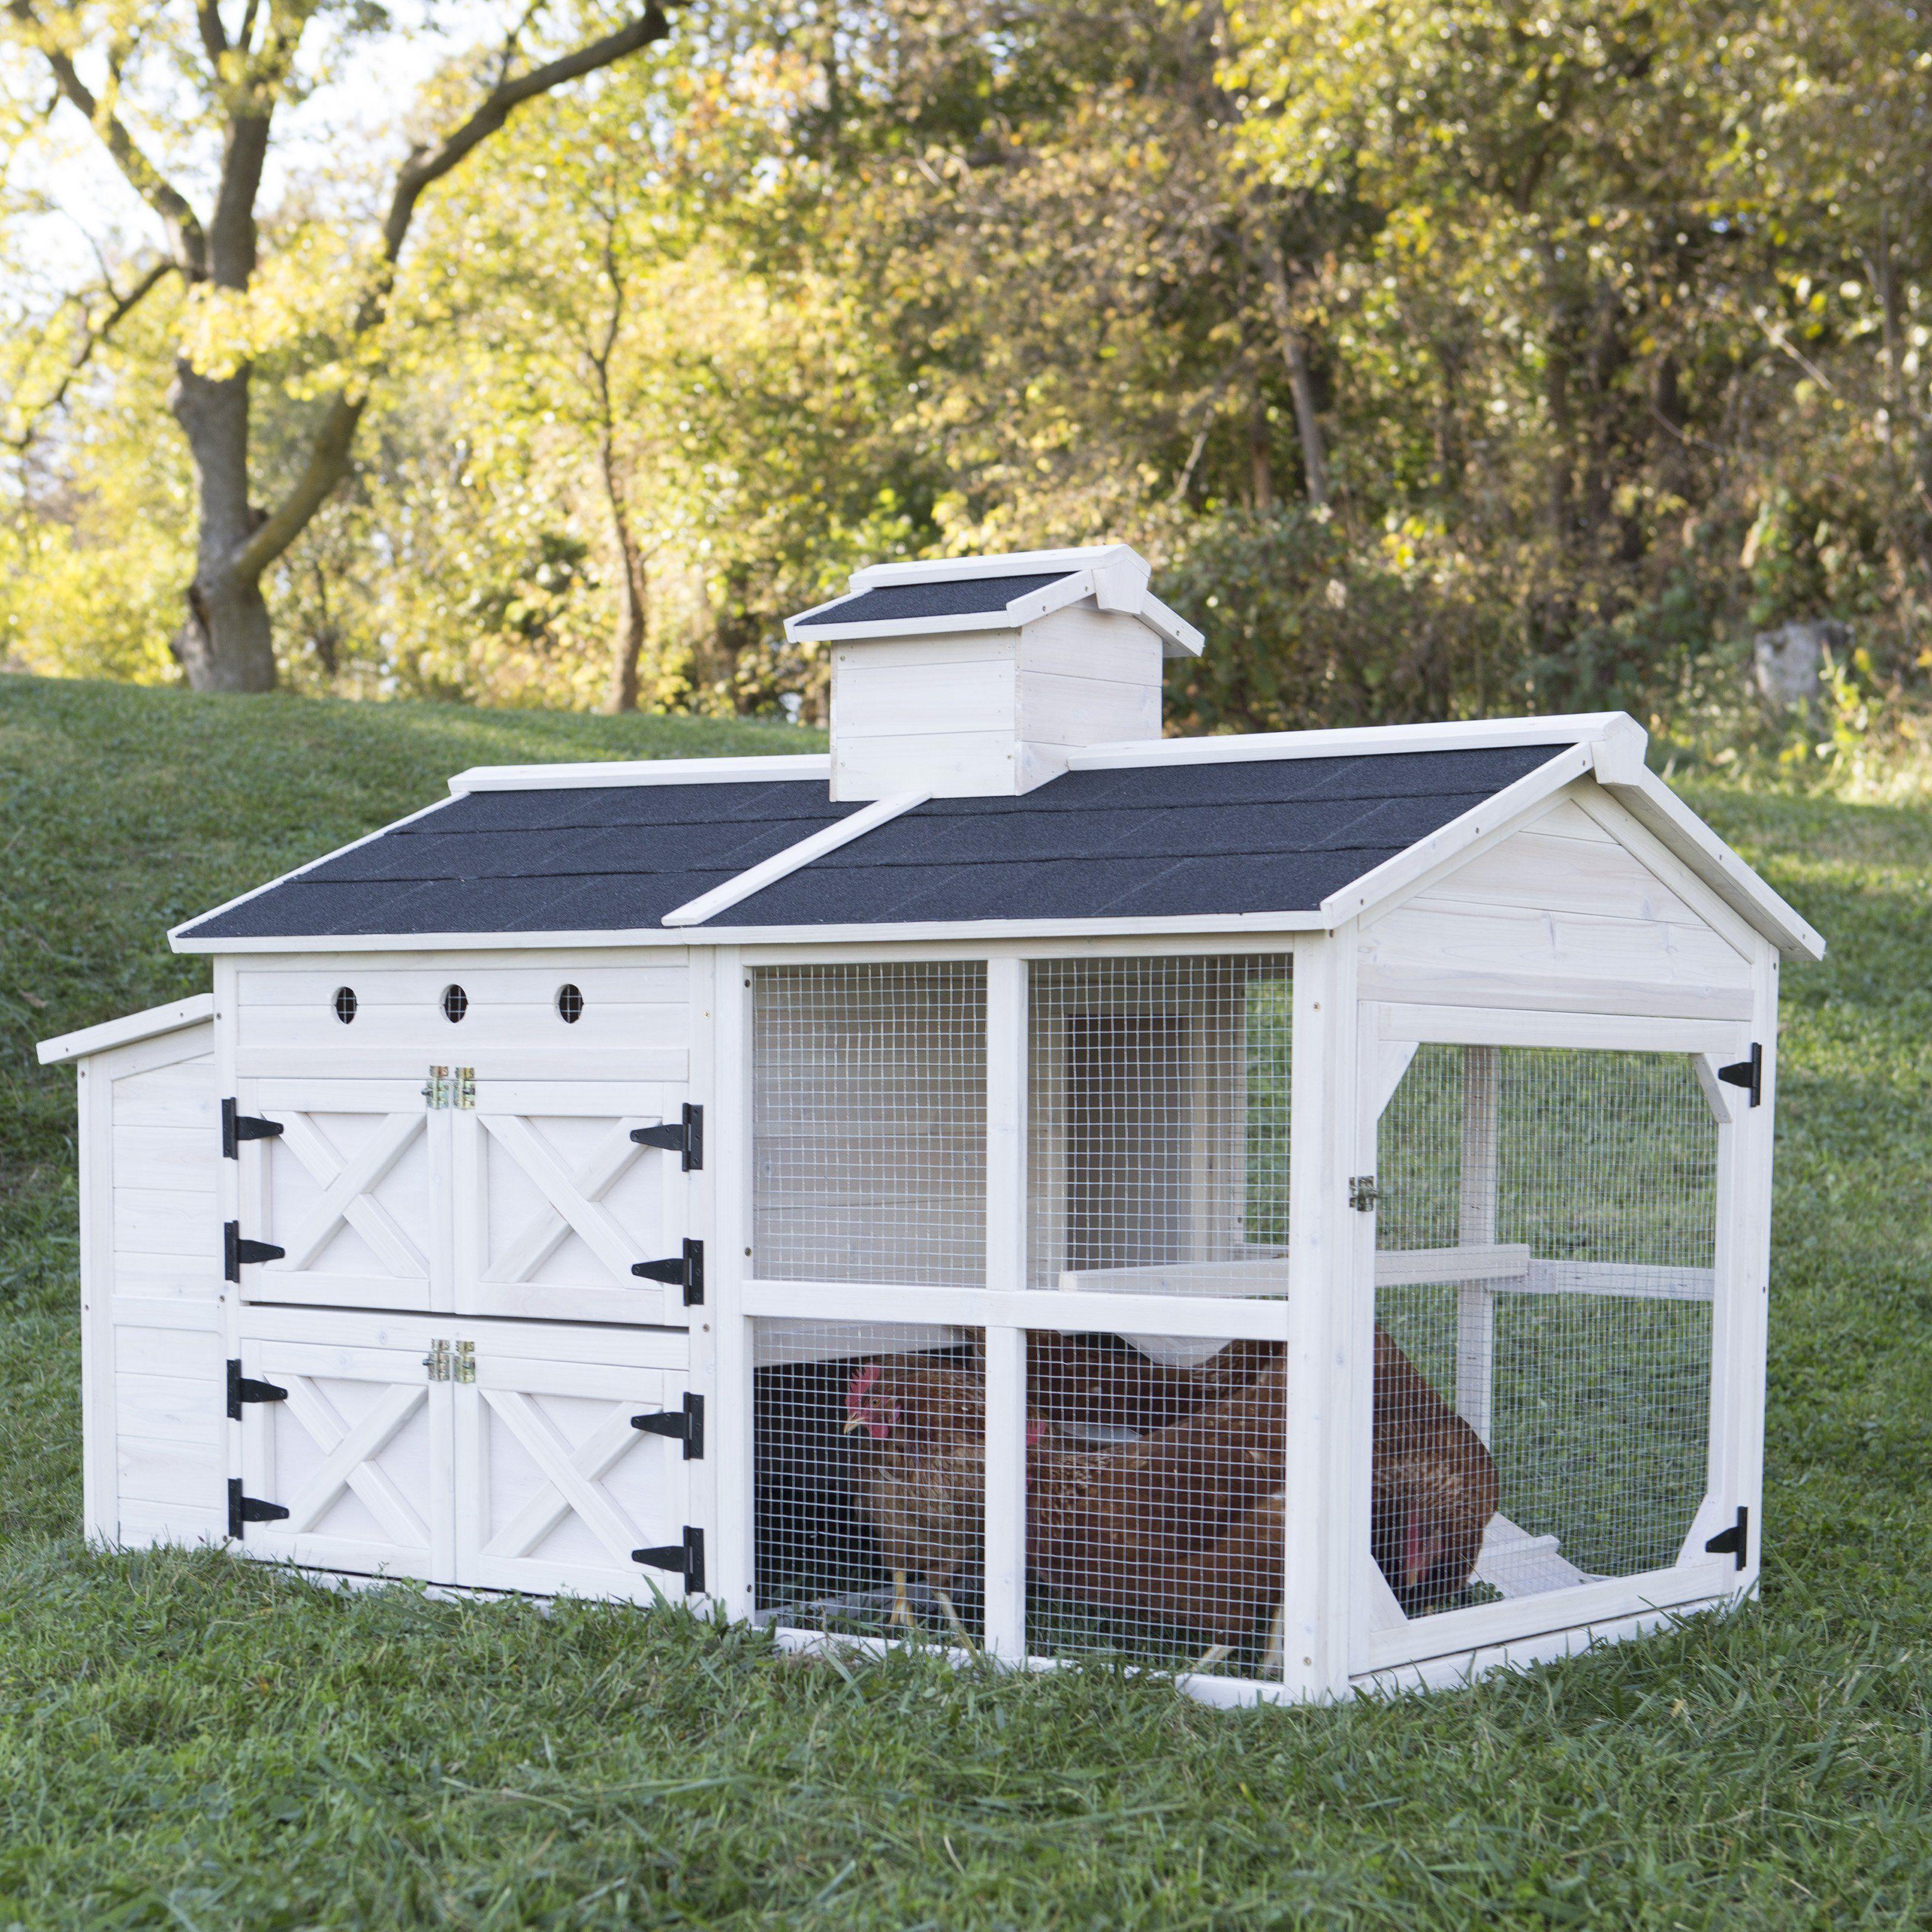 Boomer George Cottage Chicken Coop Mp166 Urban Chicken